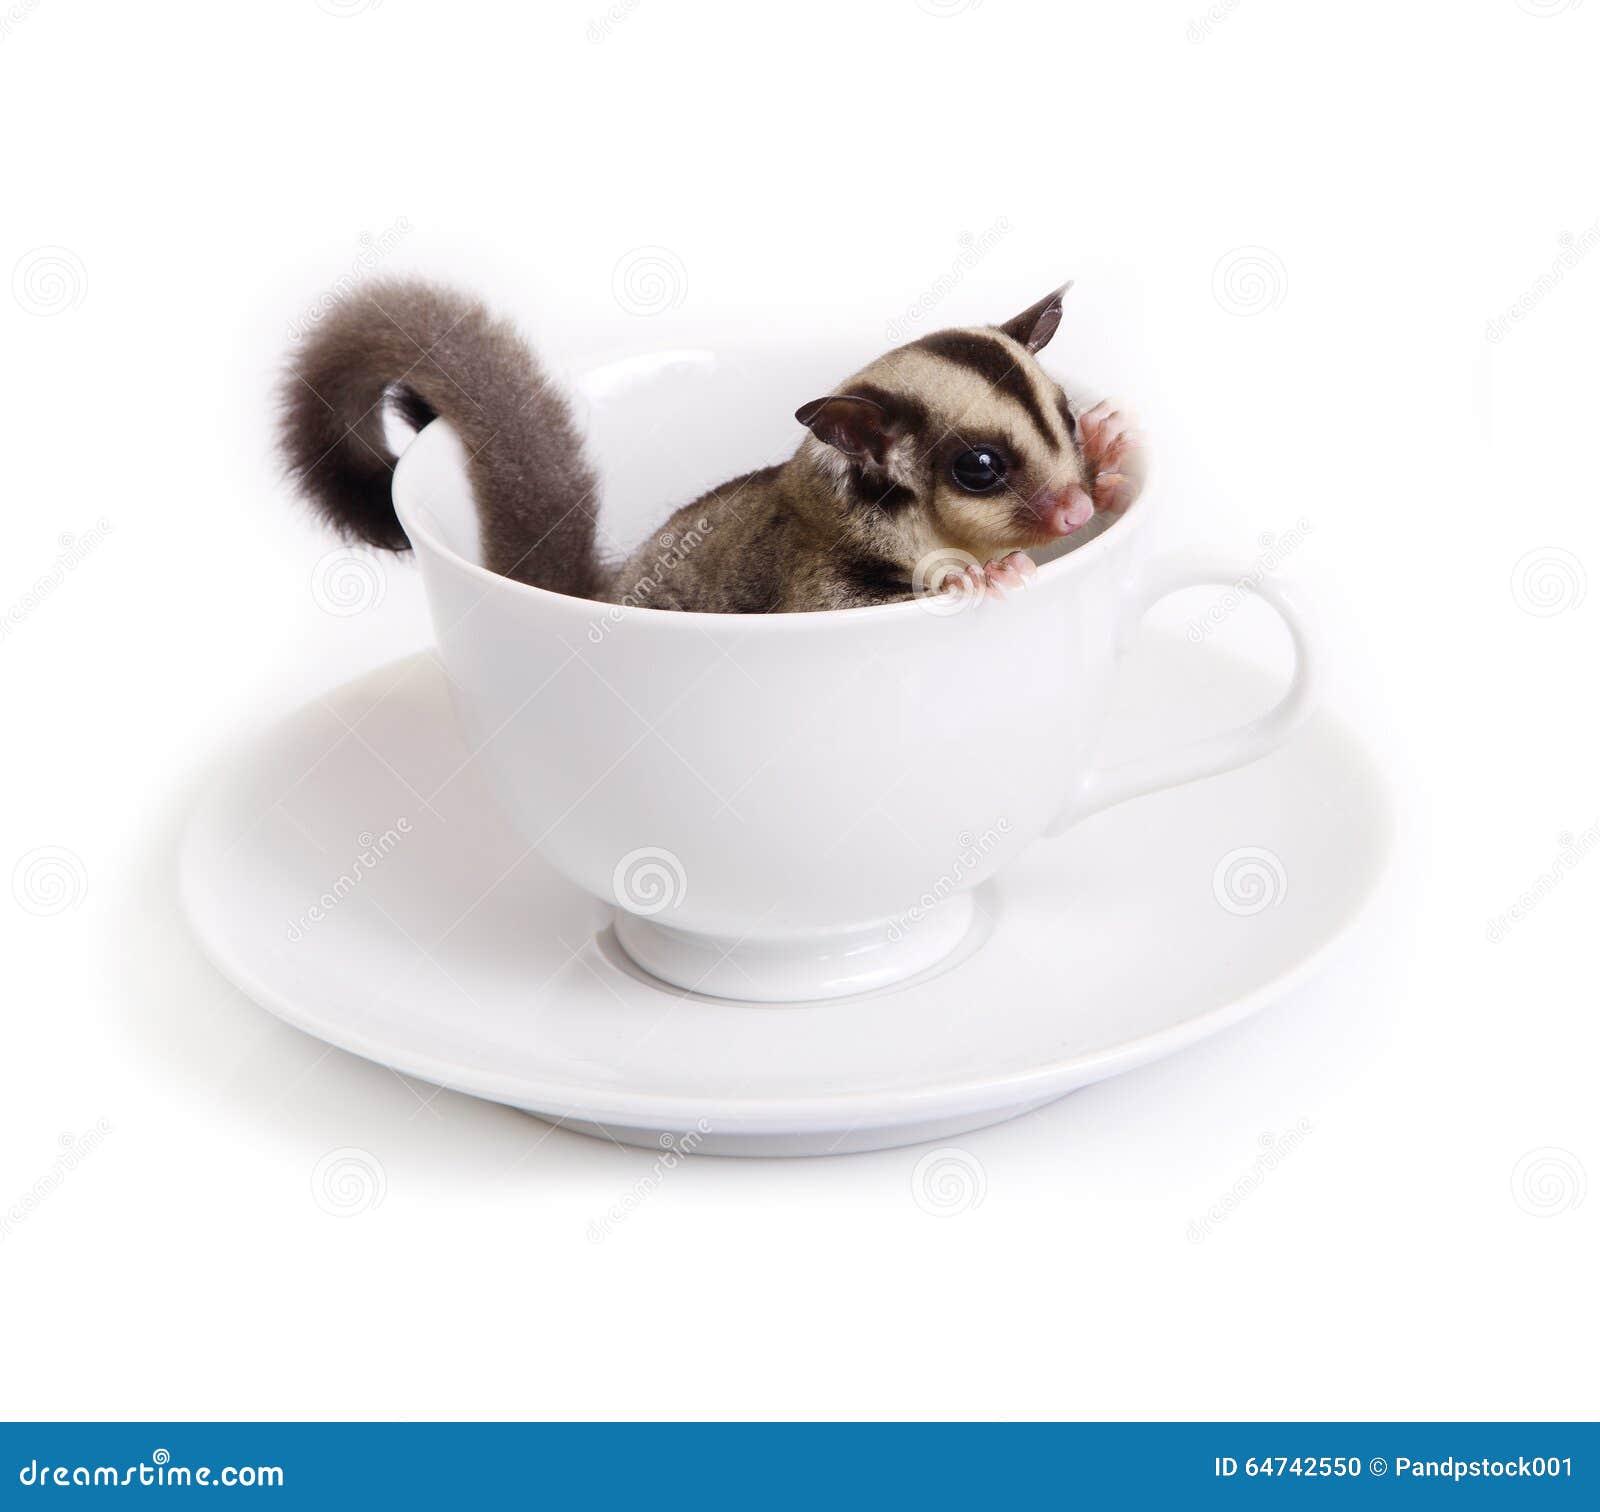 Sugarglider sveglio in tazza ceramica bianca